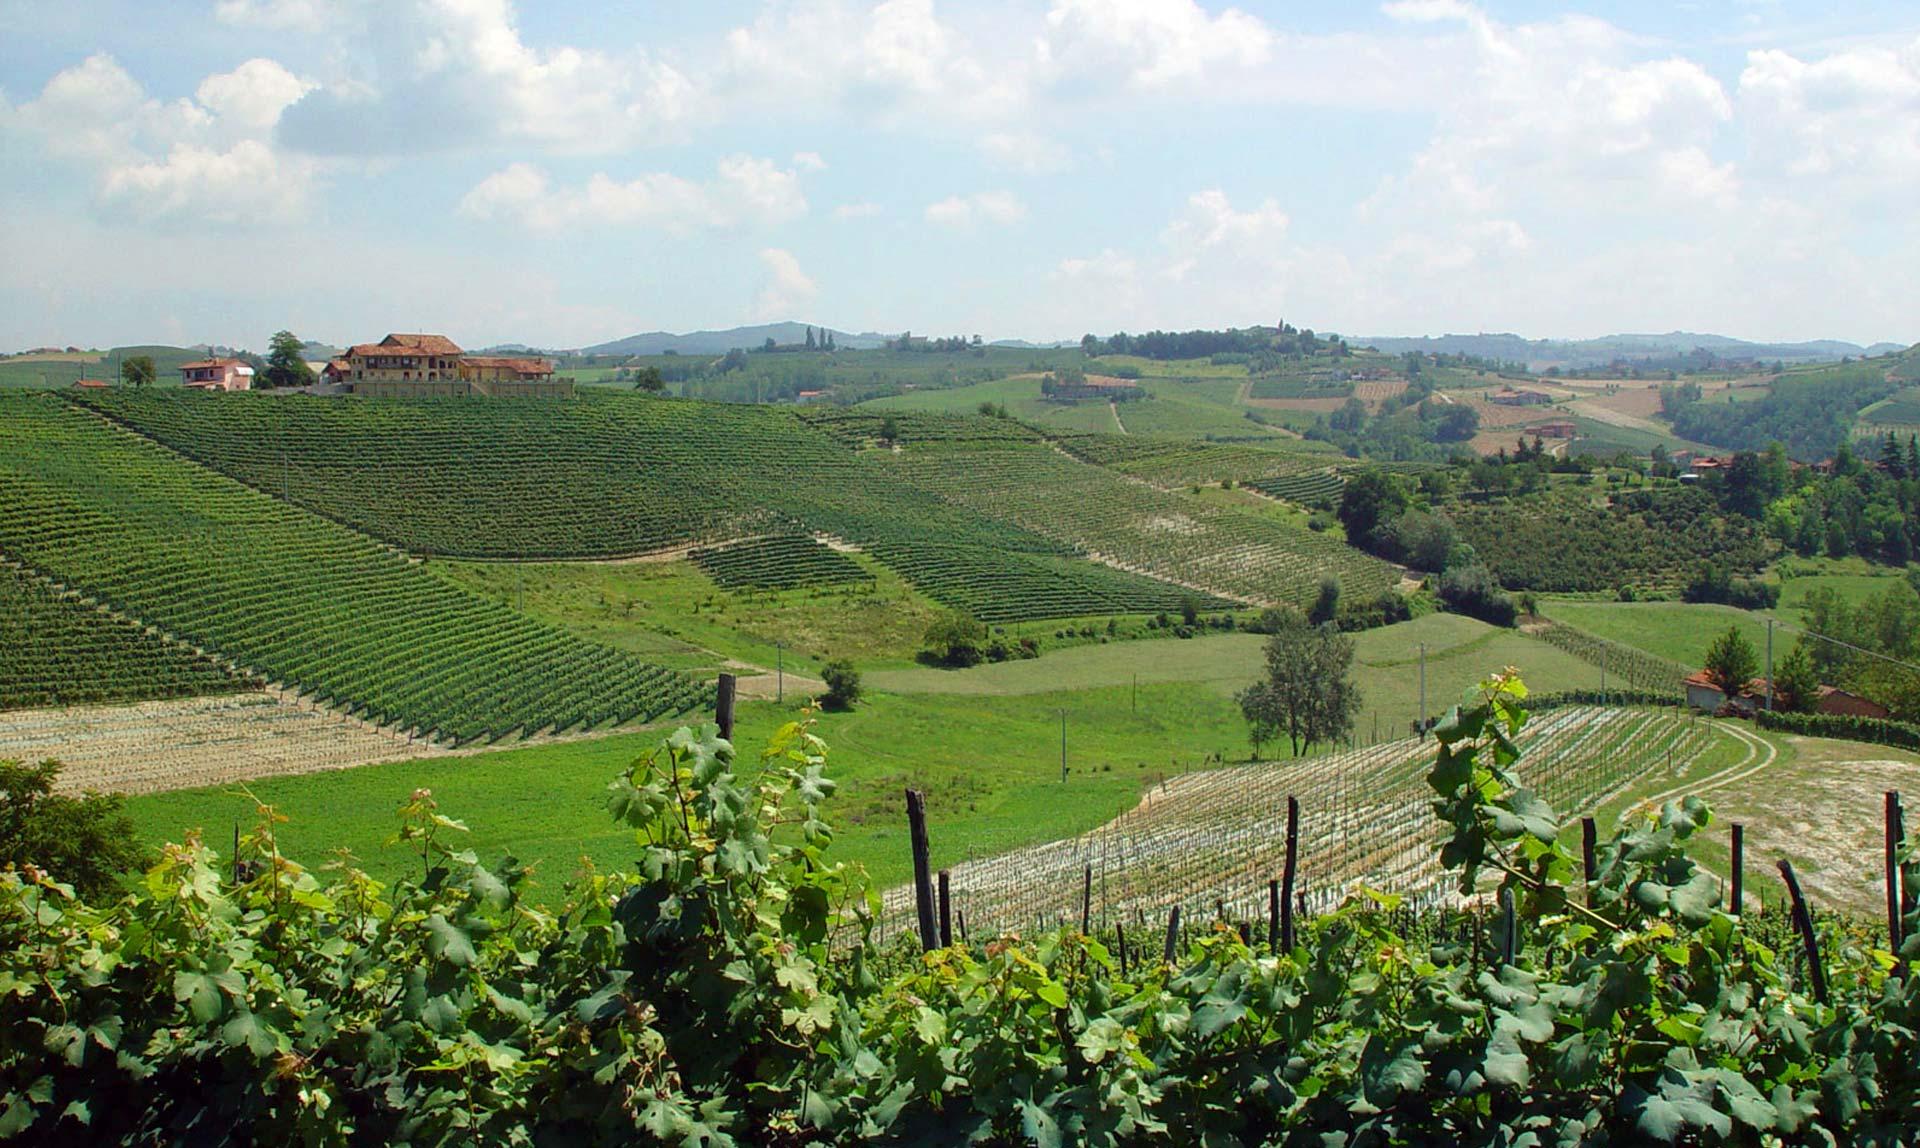 Wijngaarden Pecchenino lente